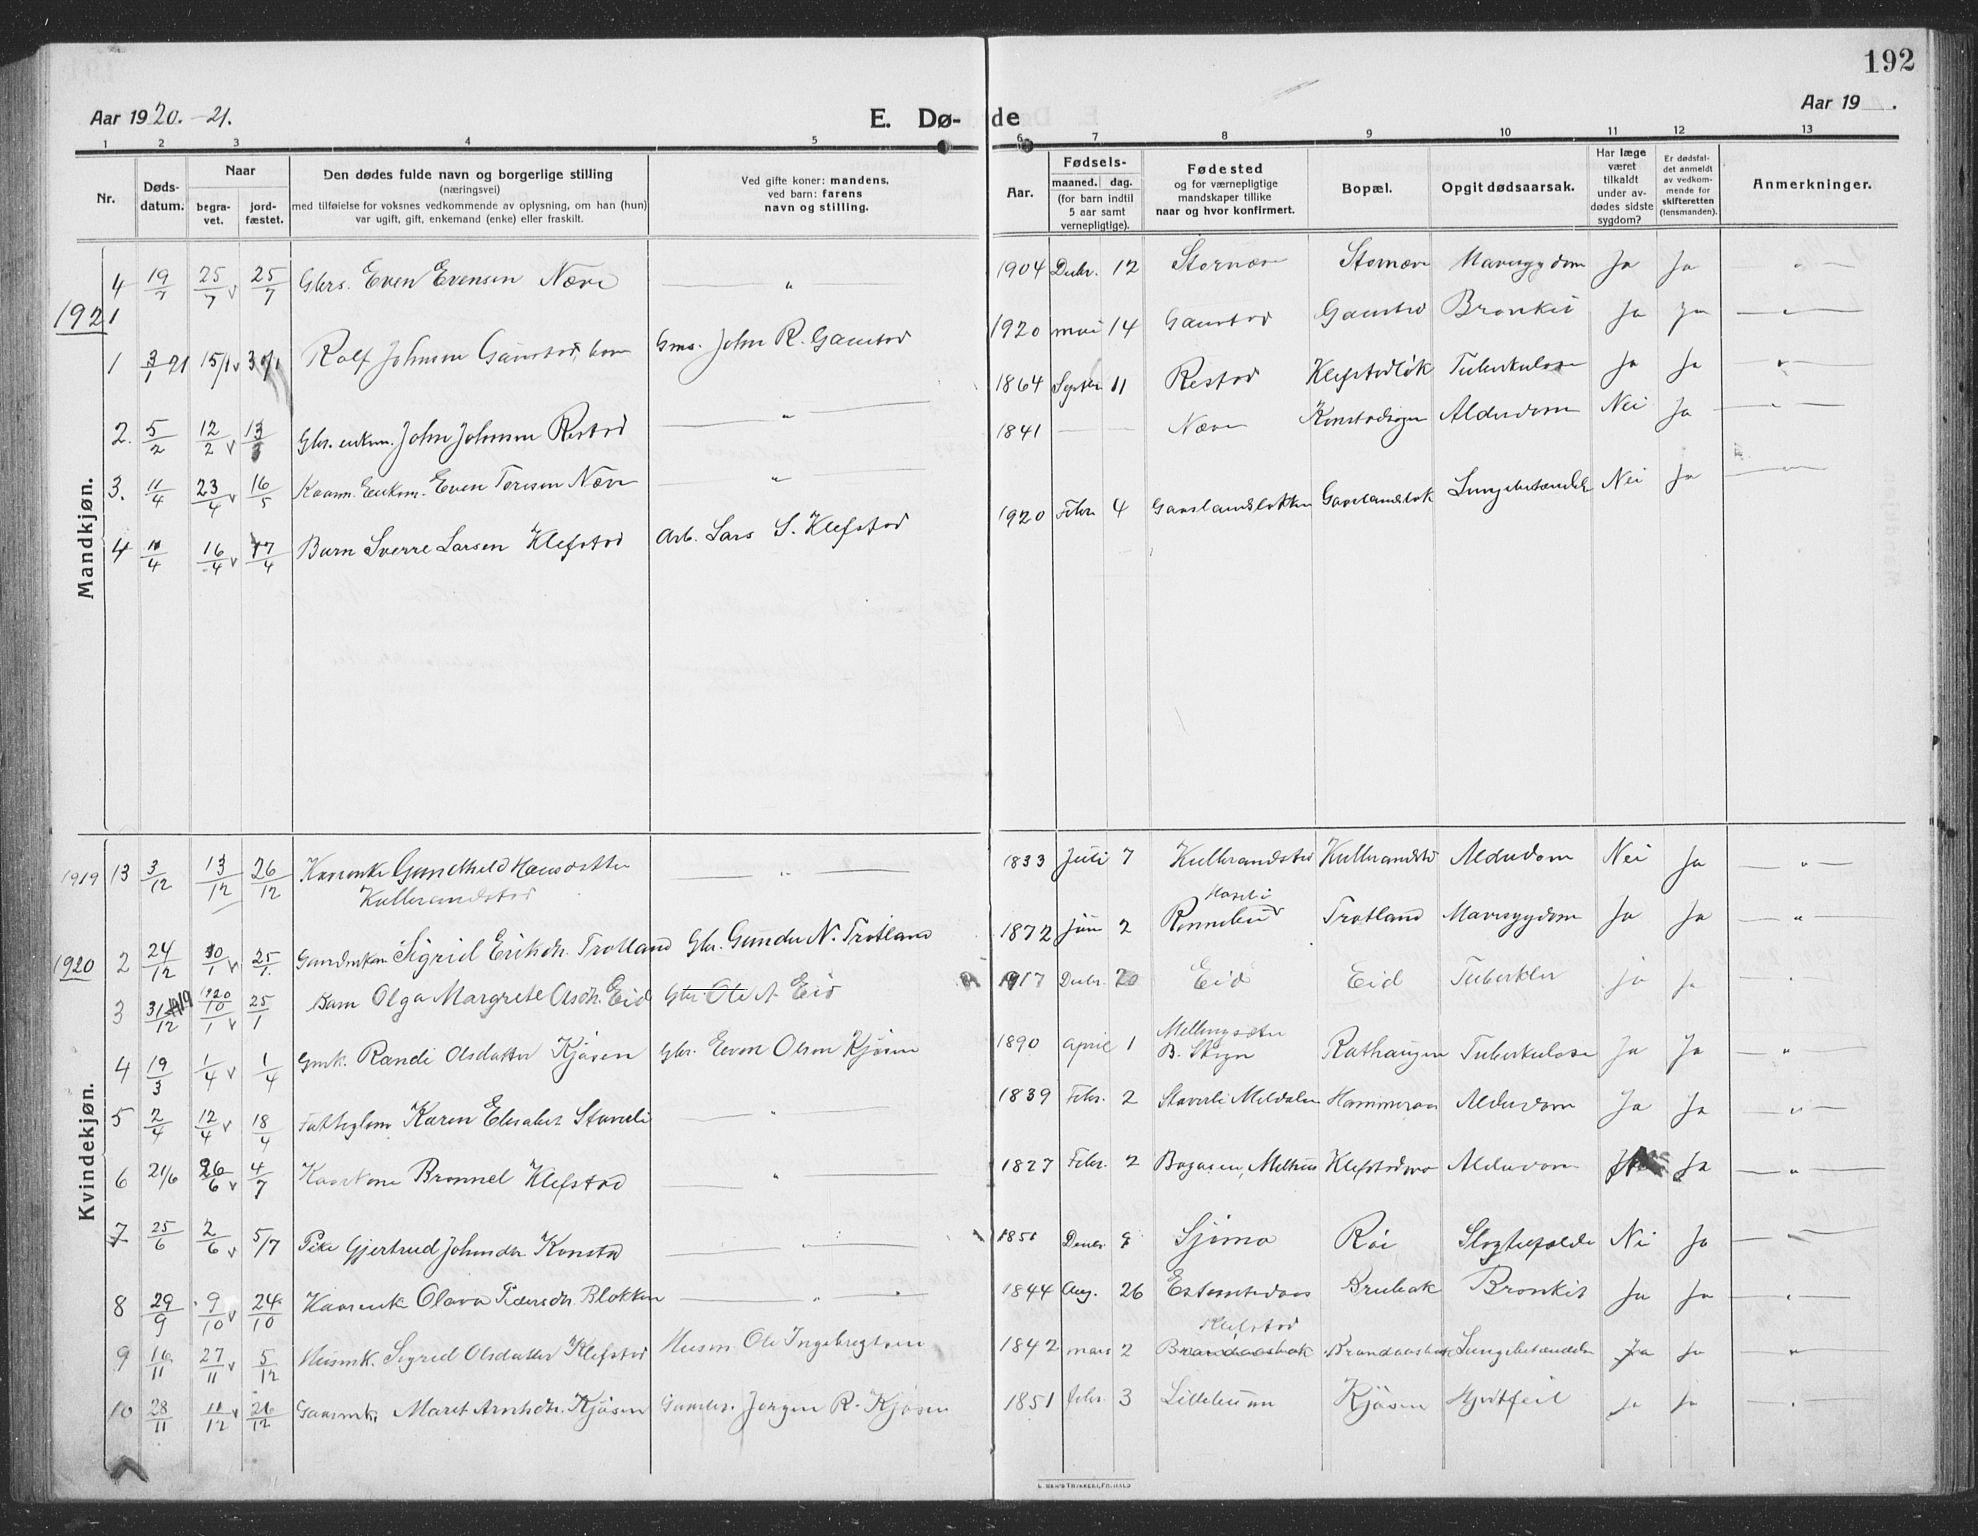 SAT, Ministerialprotokoller, klokkerbøker og fødselsregistre - Sør-Trøndelag, 694/L1134: Klokkerbok nr. 694C06, 1915-1937, s. 192